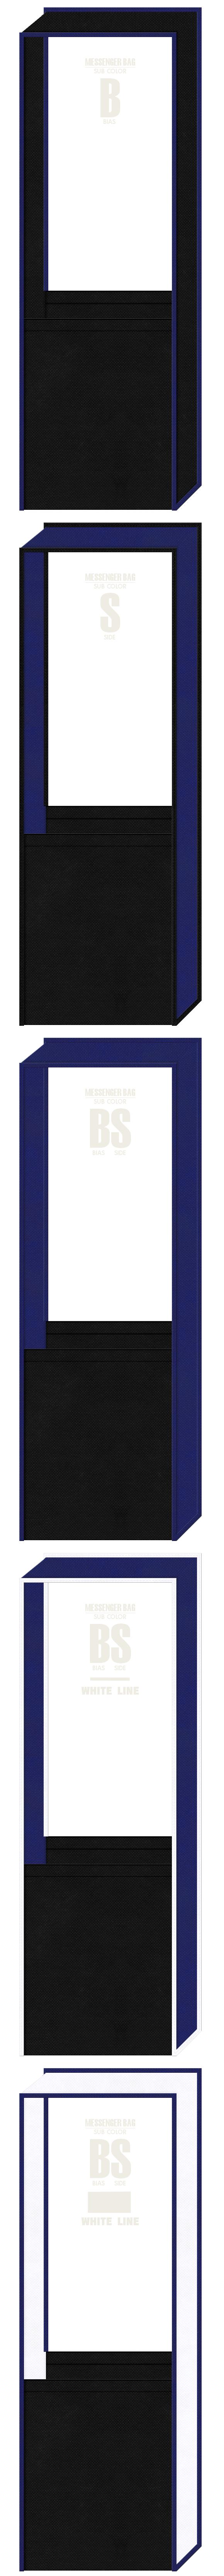 不織布メッセンジャーバッグのカラーシミュレーション(黒色・紺色・白色):展示会用バッグ、スポーツイベントにお奨めです。